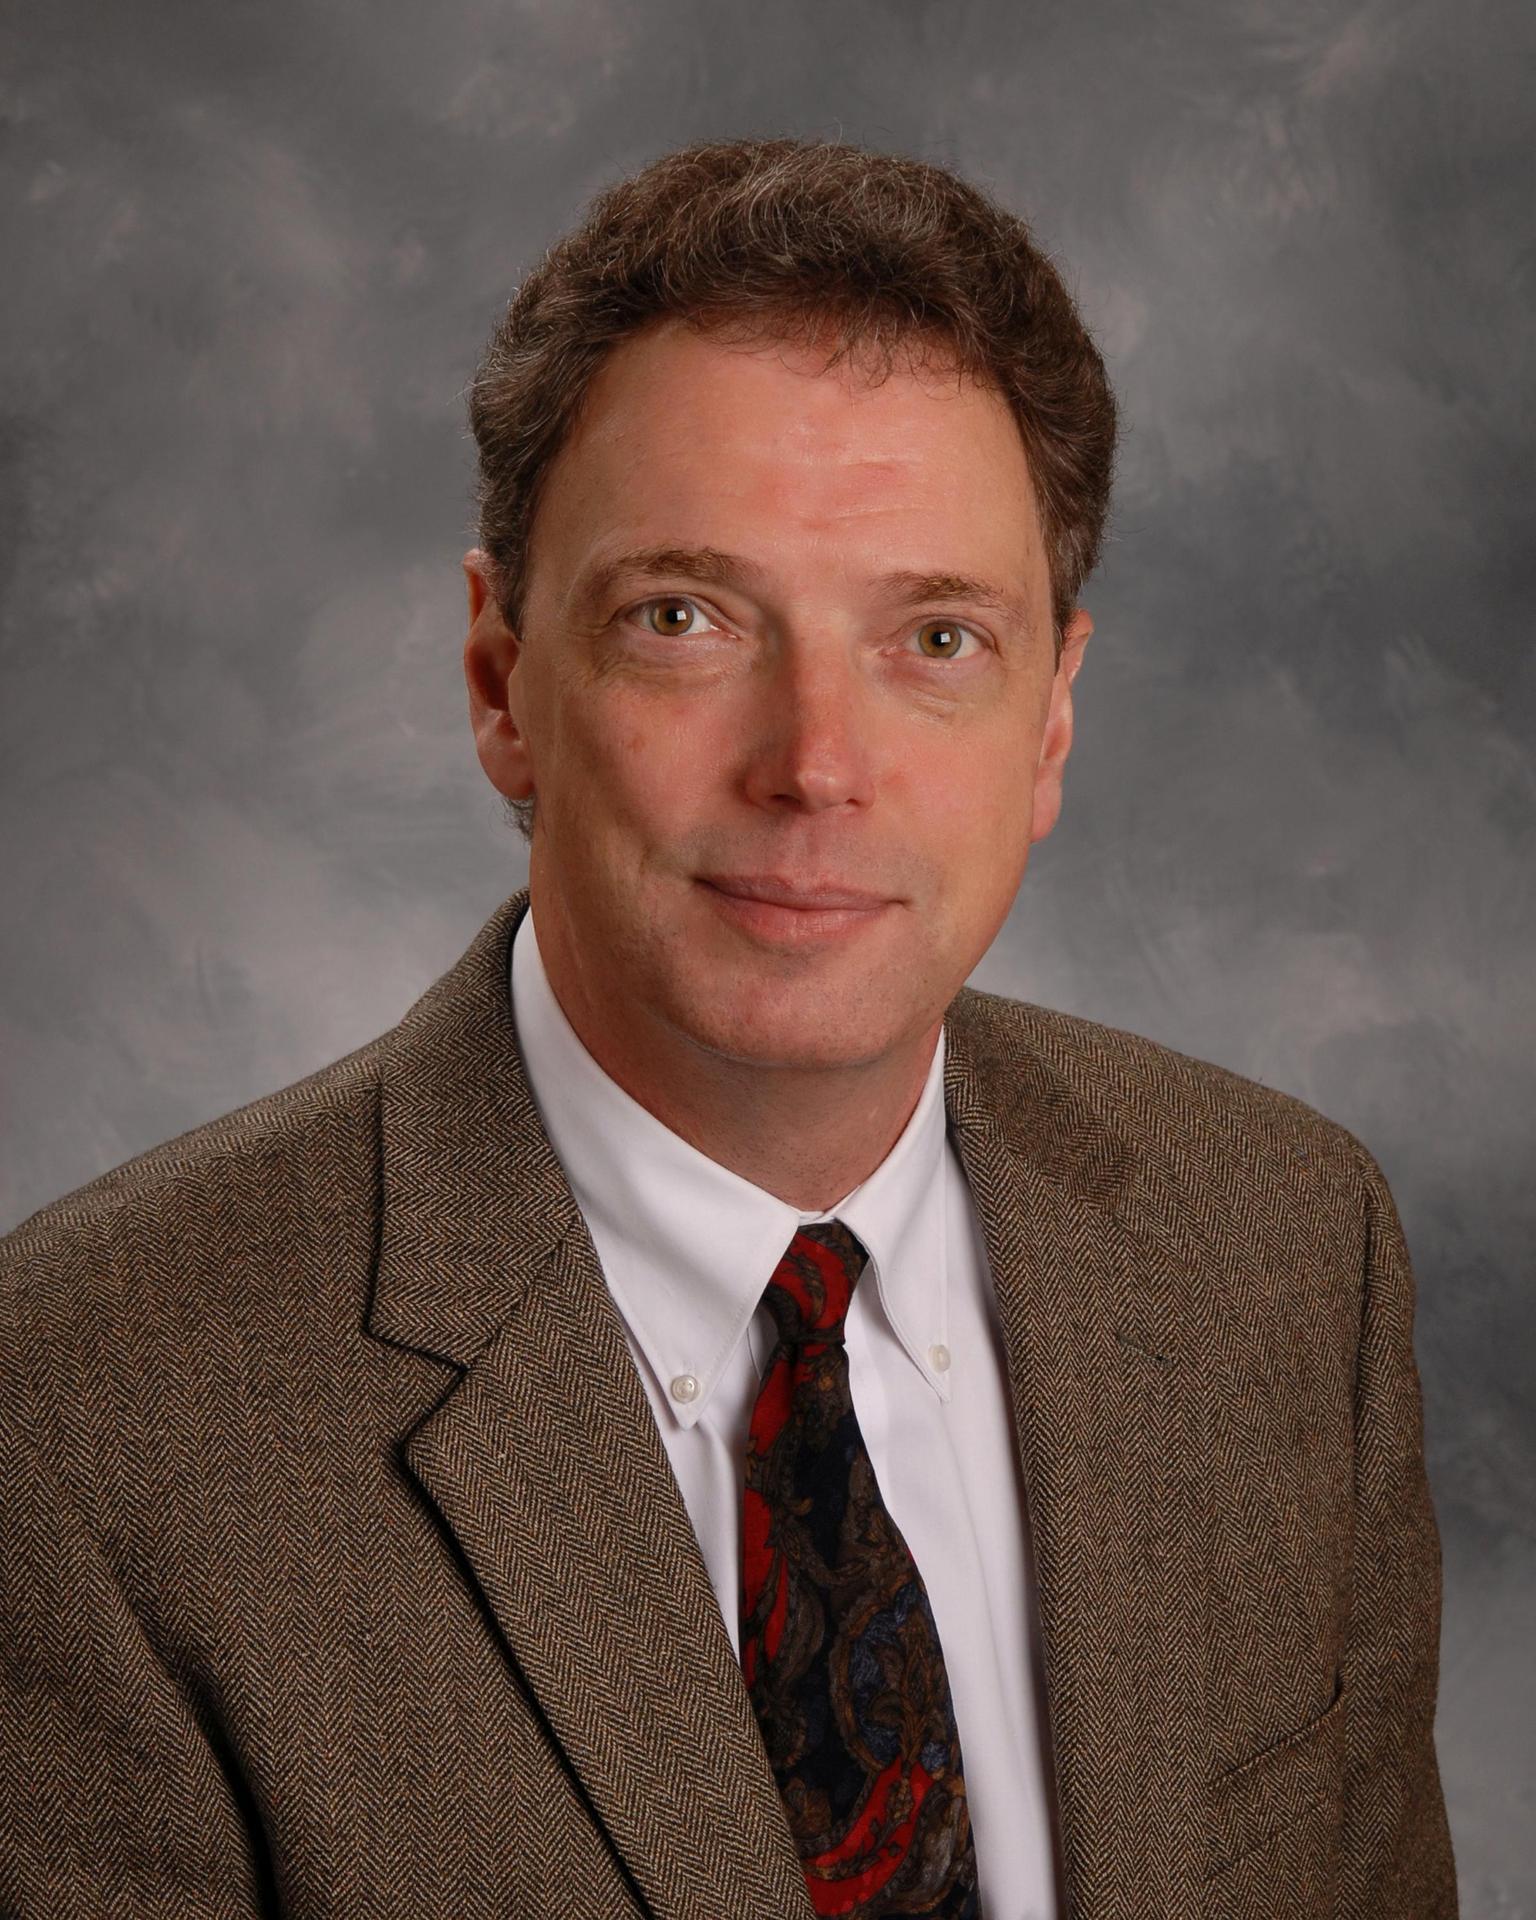 Mr. Koep, Principal